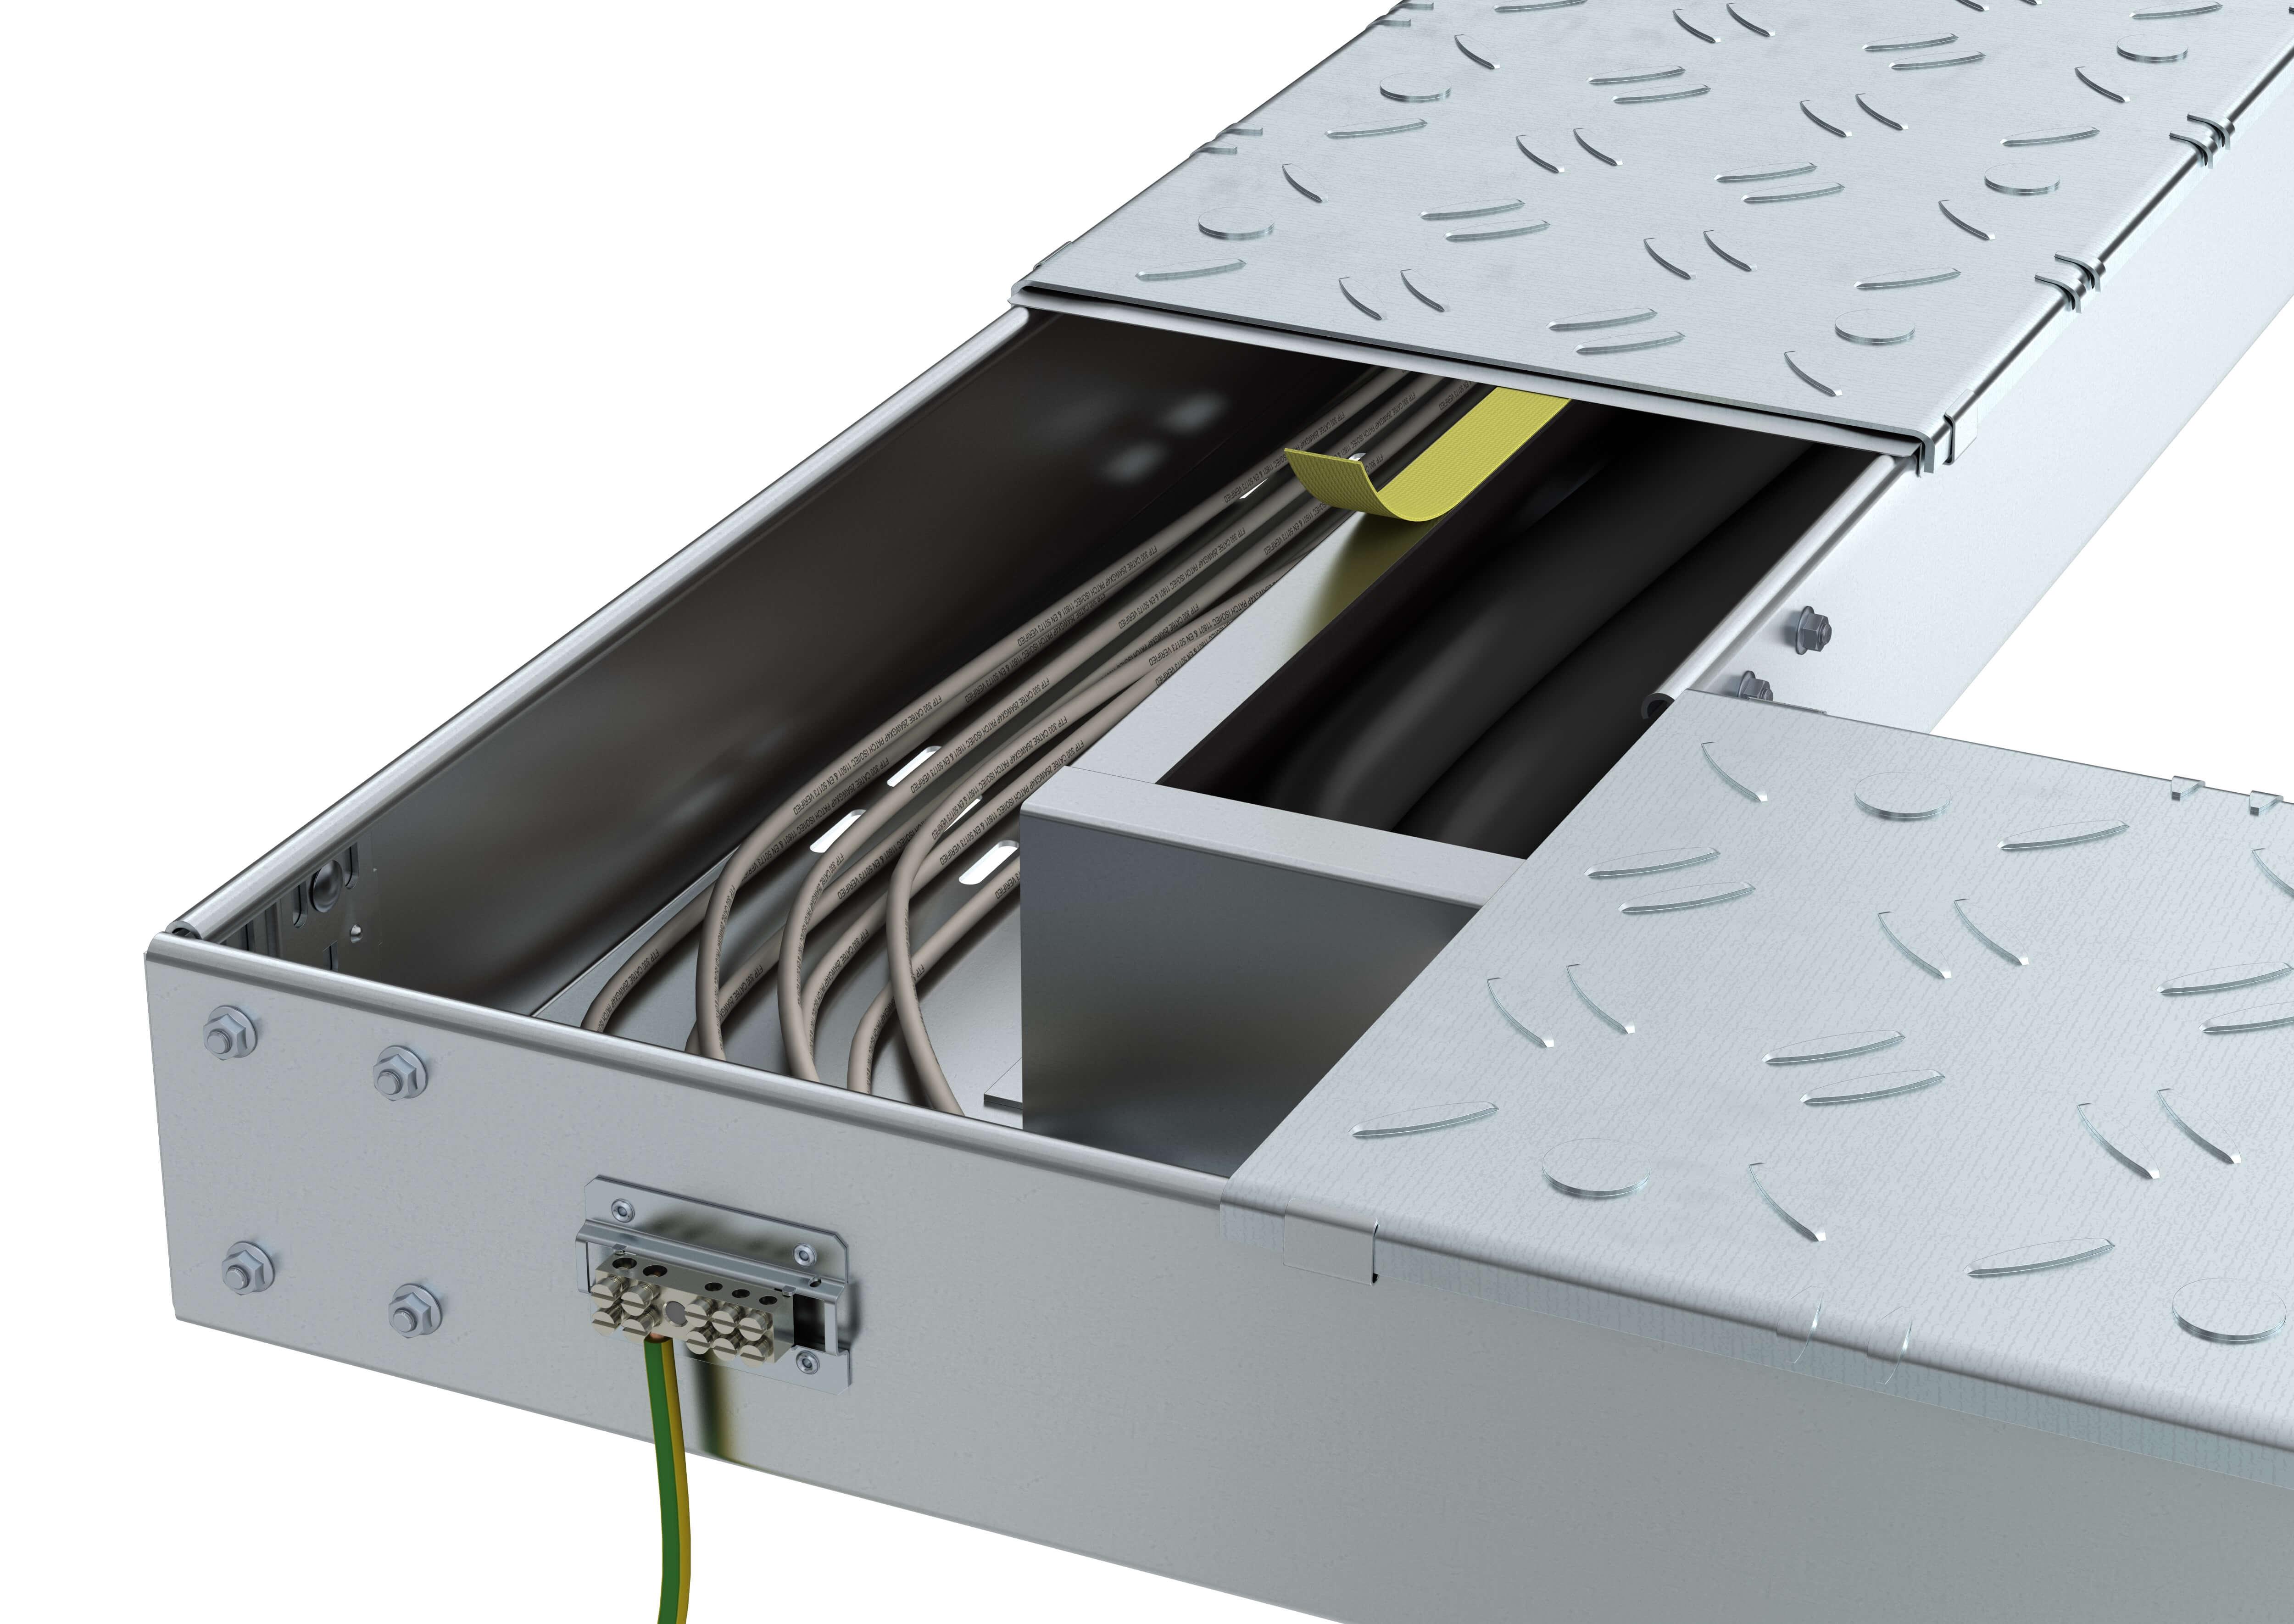 mehr sicherheit f r begehbares kabelrinnensystem bkrs. Black Bedroom Furniture Sets. Home Design Ideas